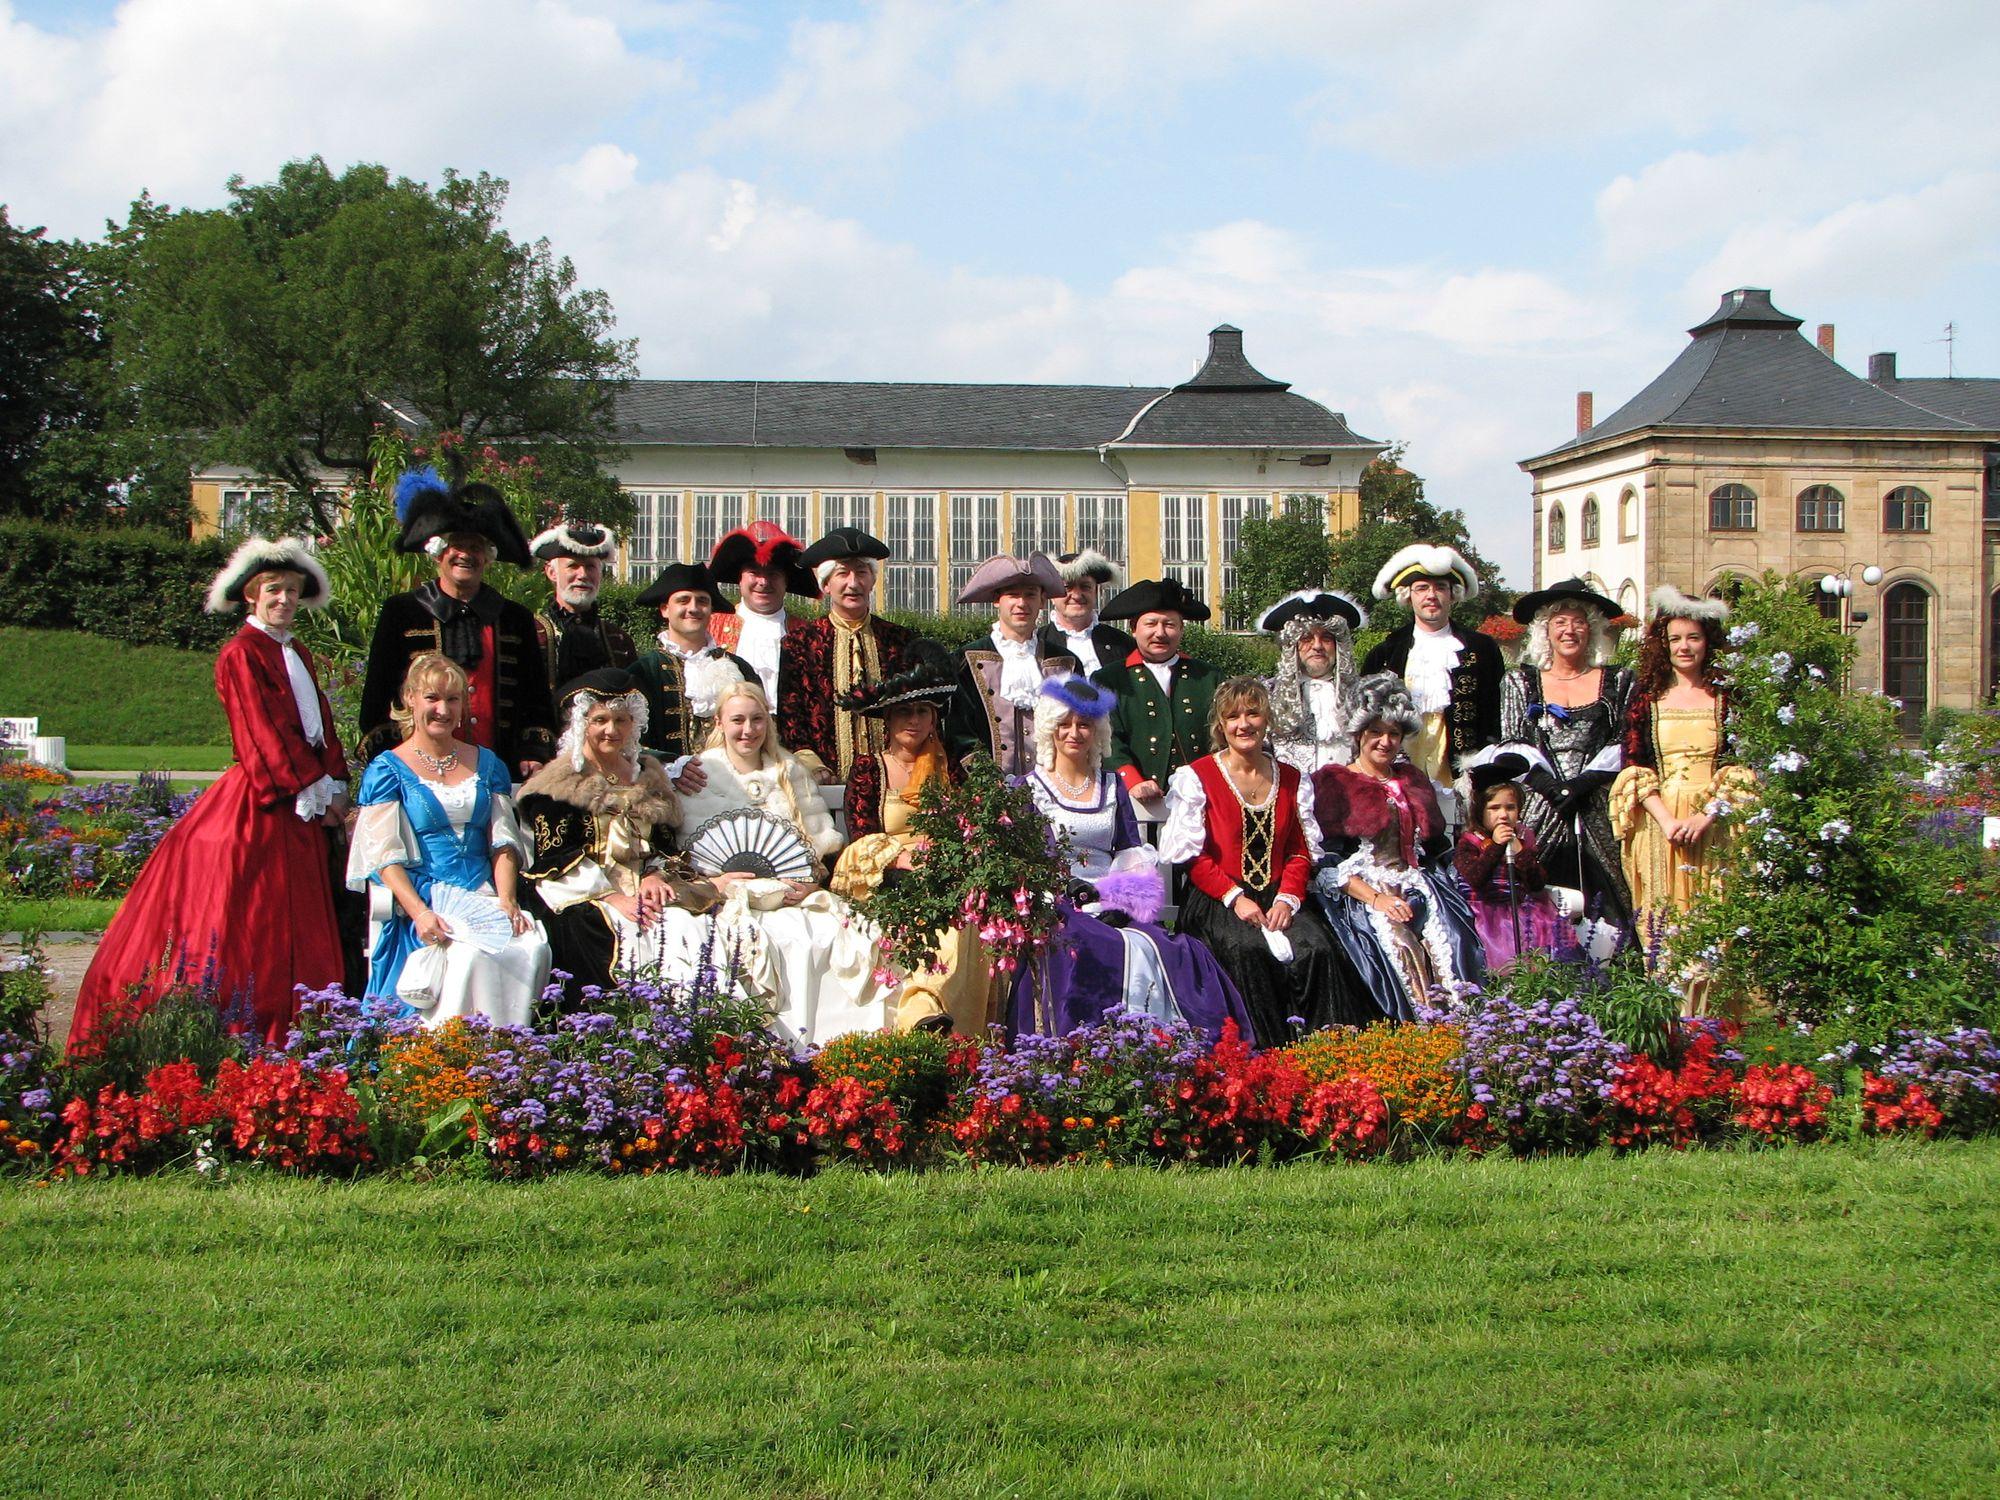 """Farbenprächtiges Kostümspektakel zum VI. Gothaer Barockfest: ein Teil der Hofgesellschaft Herzog Friedrichs III. von Sachsen-Gotha-Altenburg vor dem nördlichen Treibhaus und dem """"Orangenhaus"""". (Foto: Cramer)"""